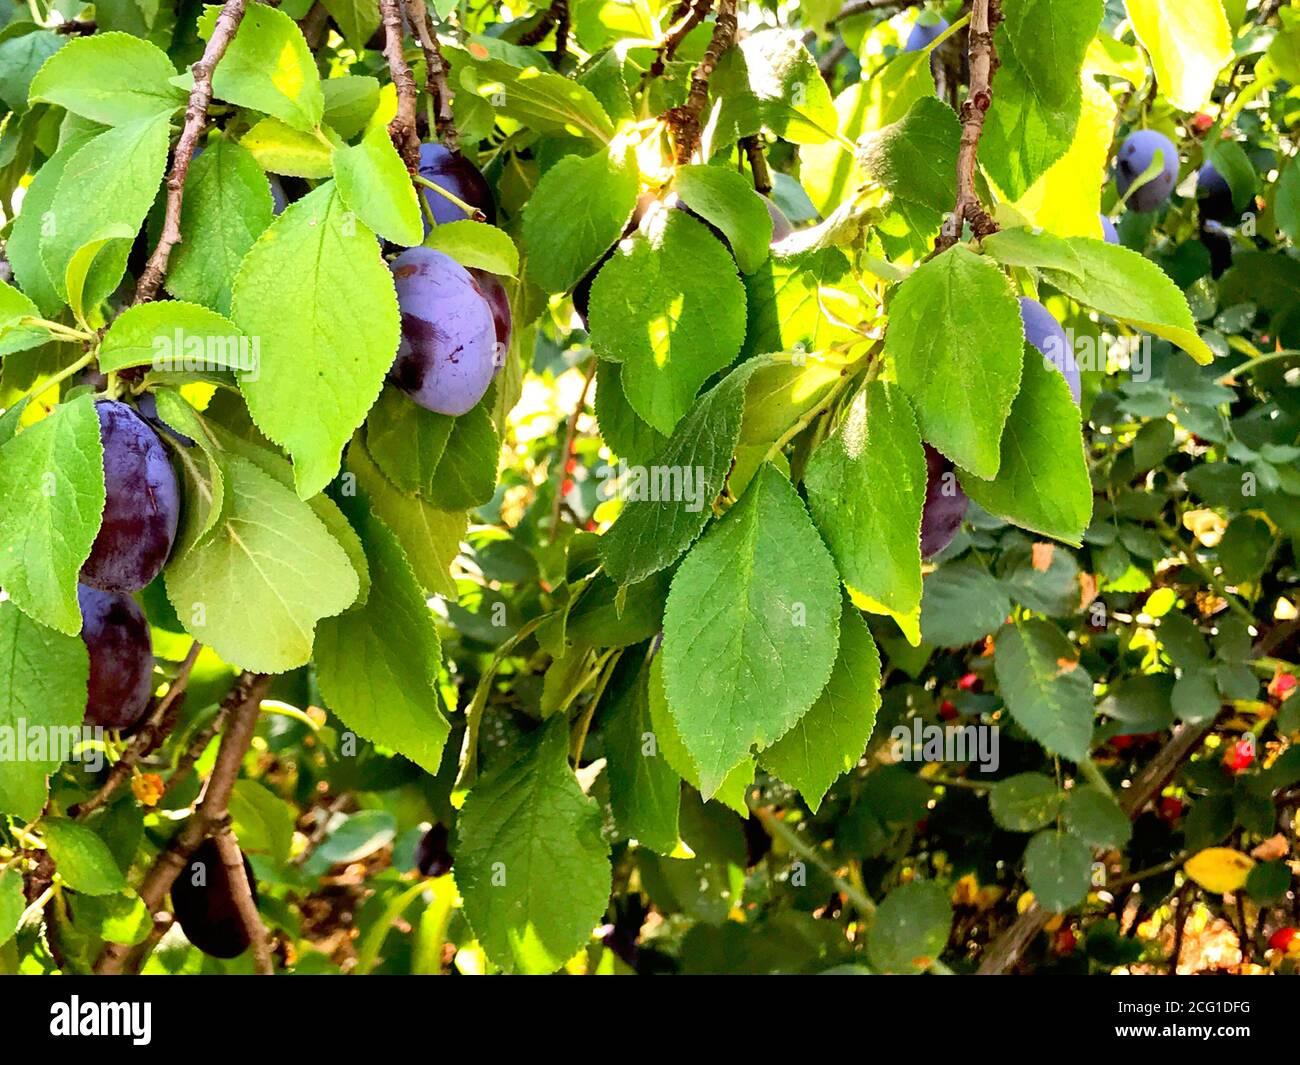 Frische reife blauen Pflaumen am Baum im Sommergarten Stockfoto